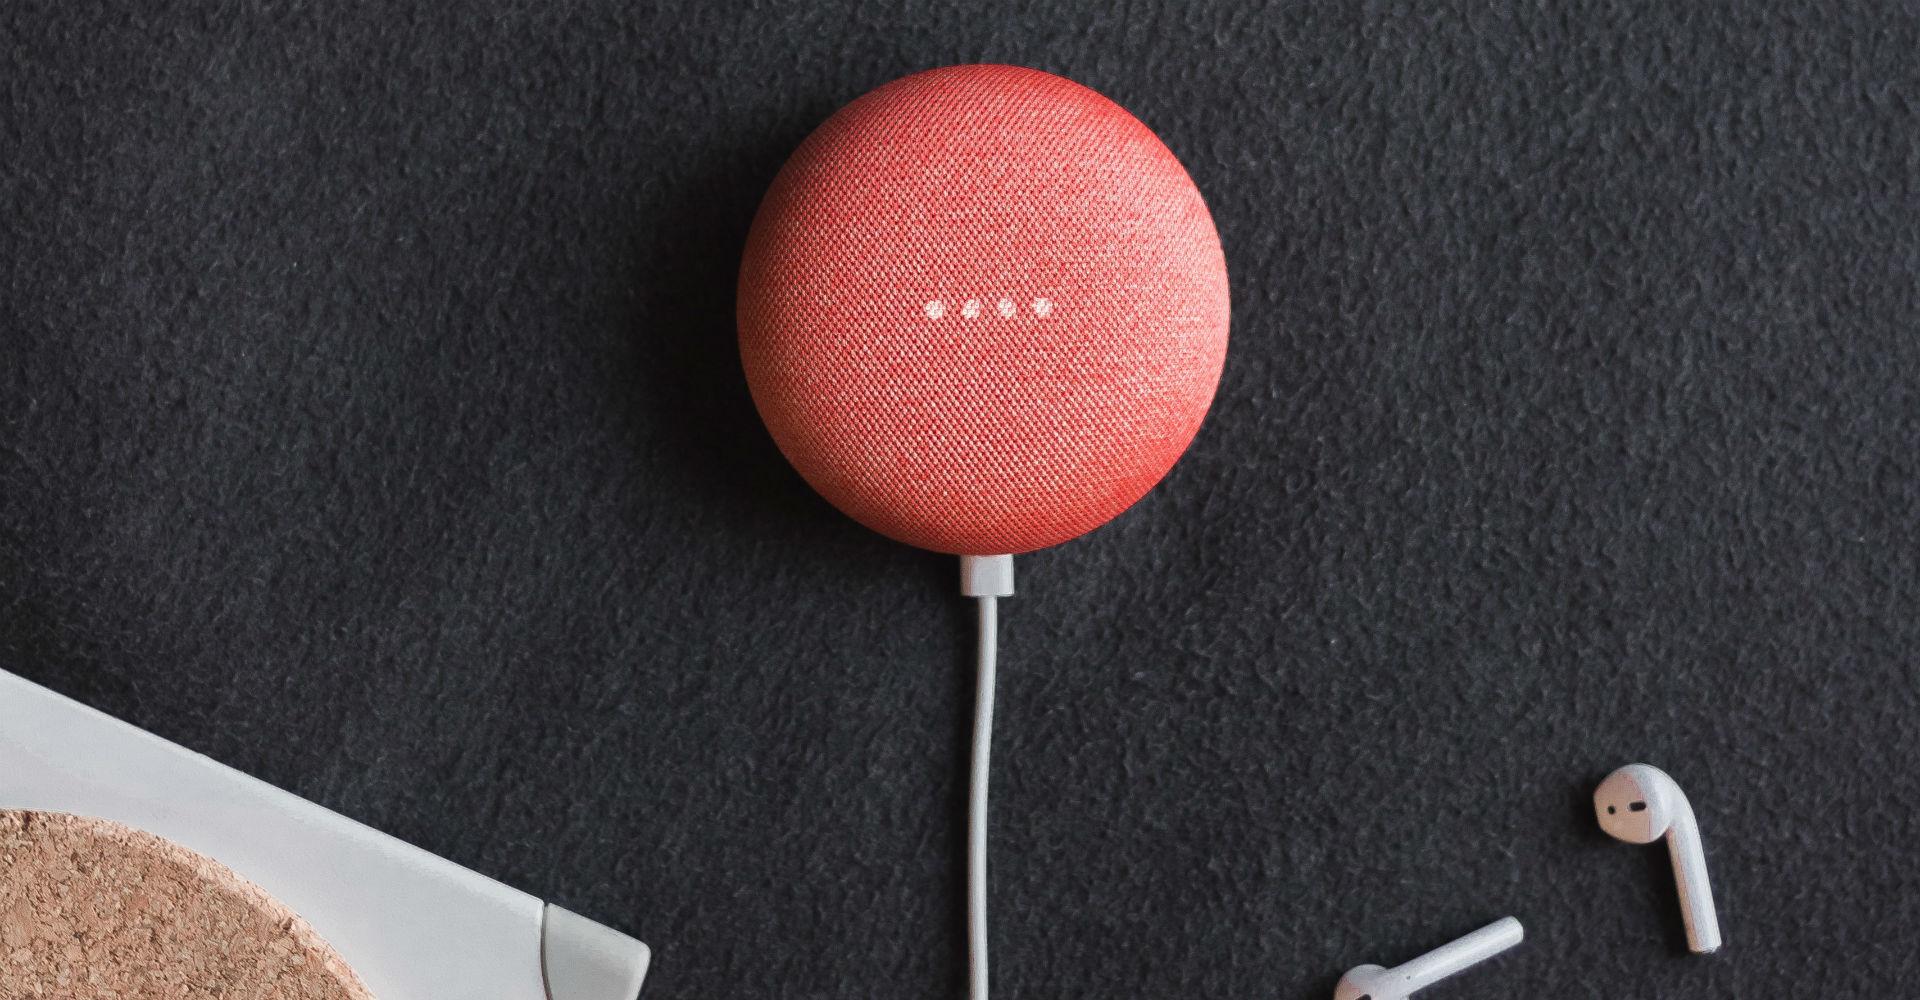 Korallenfarbener Google Home-Mini liegt auf einem schwarzen Schreibtisch.